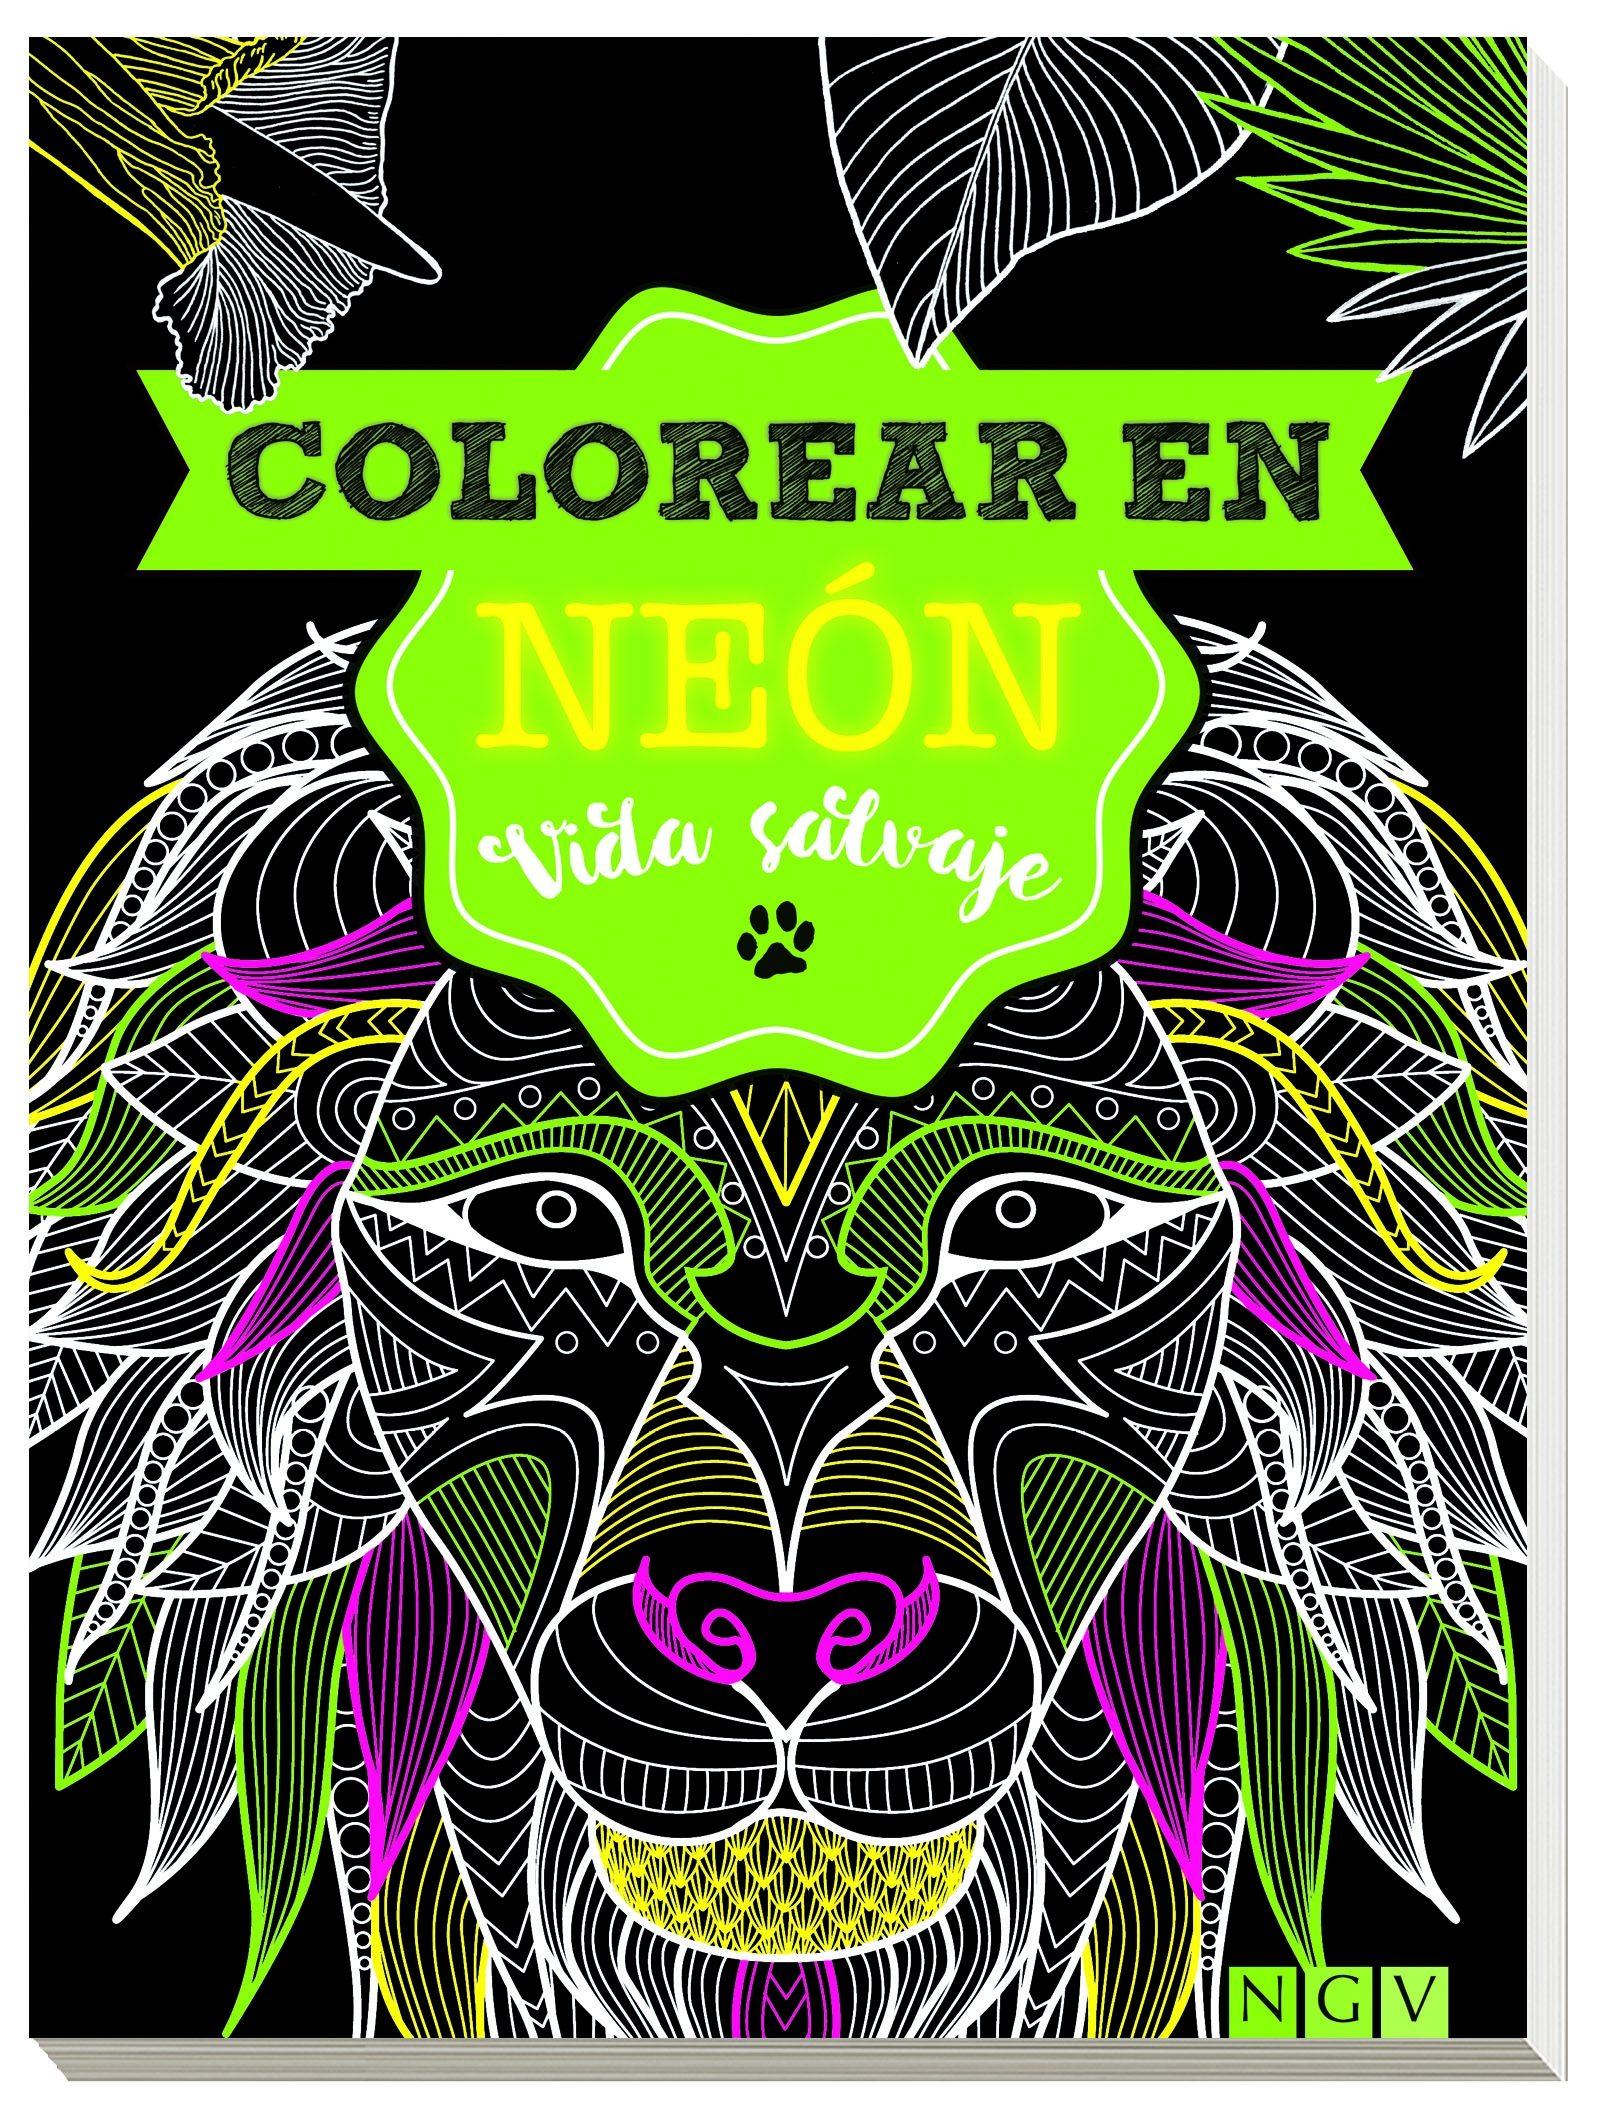 VIDA SALVAJE - COLOREAR EN NEON | VV.AA. | Comprar libro 9783625006954